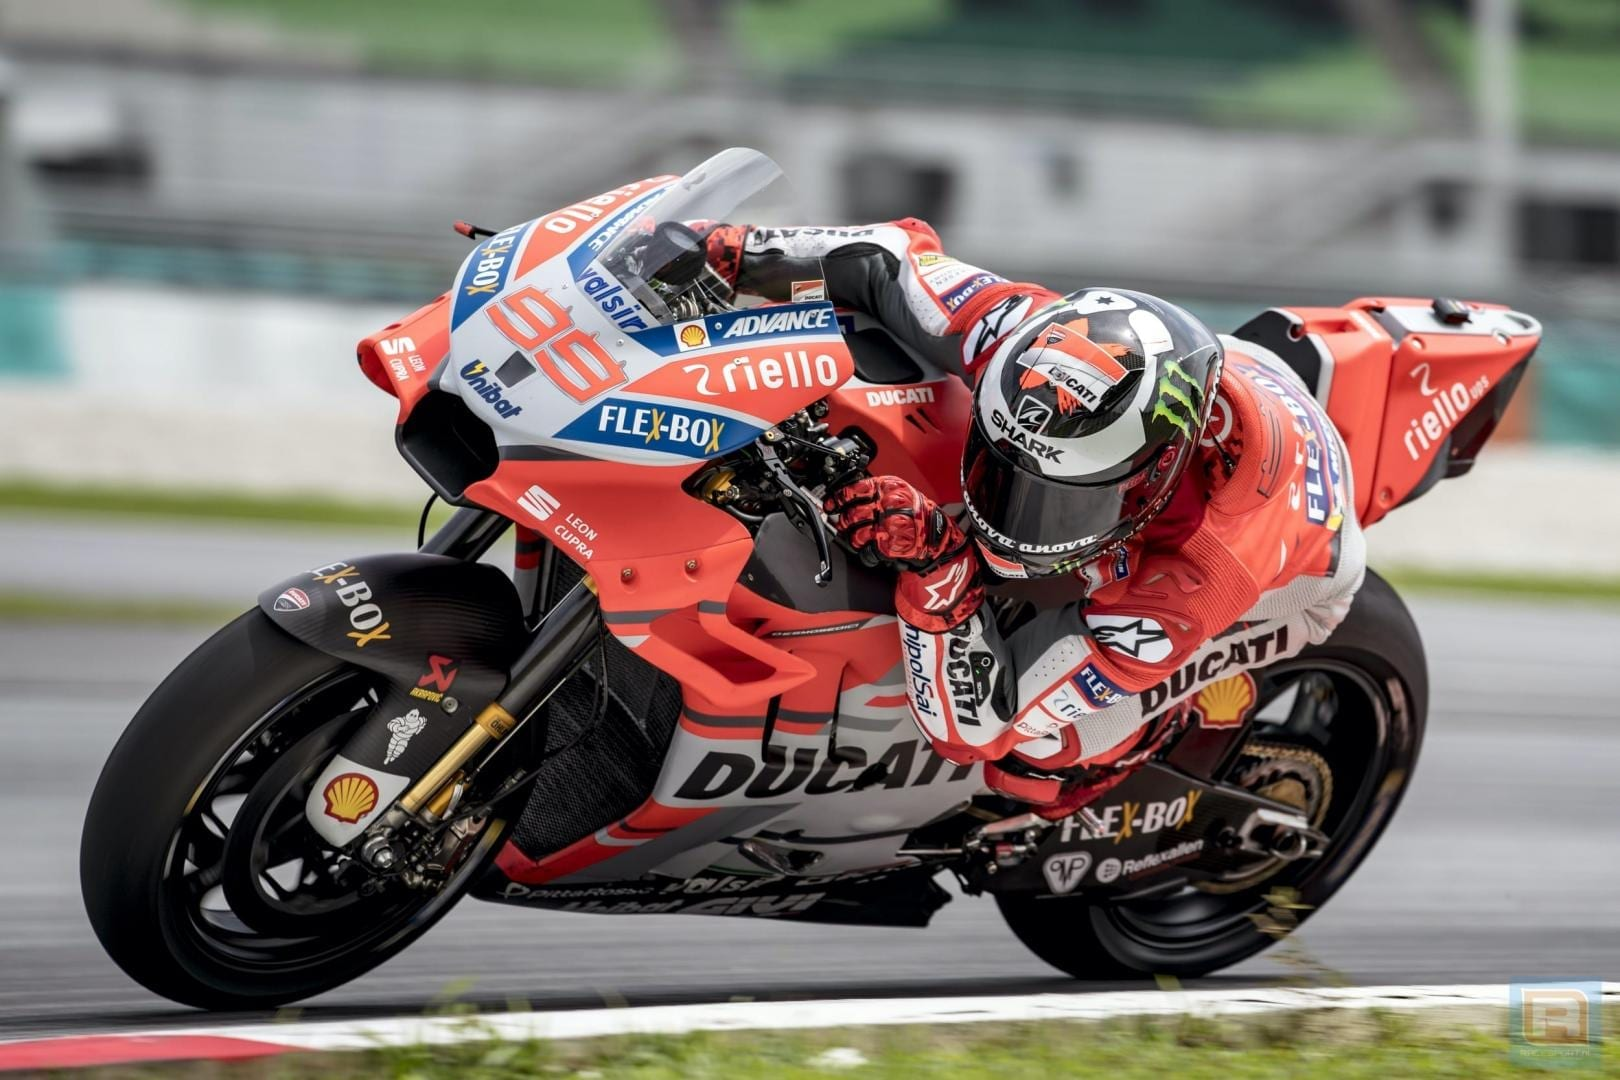 Jorge Lorenzo zet de toon tijdens Official MotoGP Test in Sepang